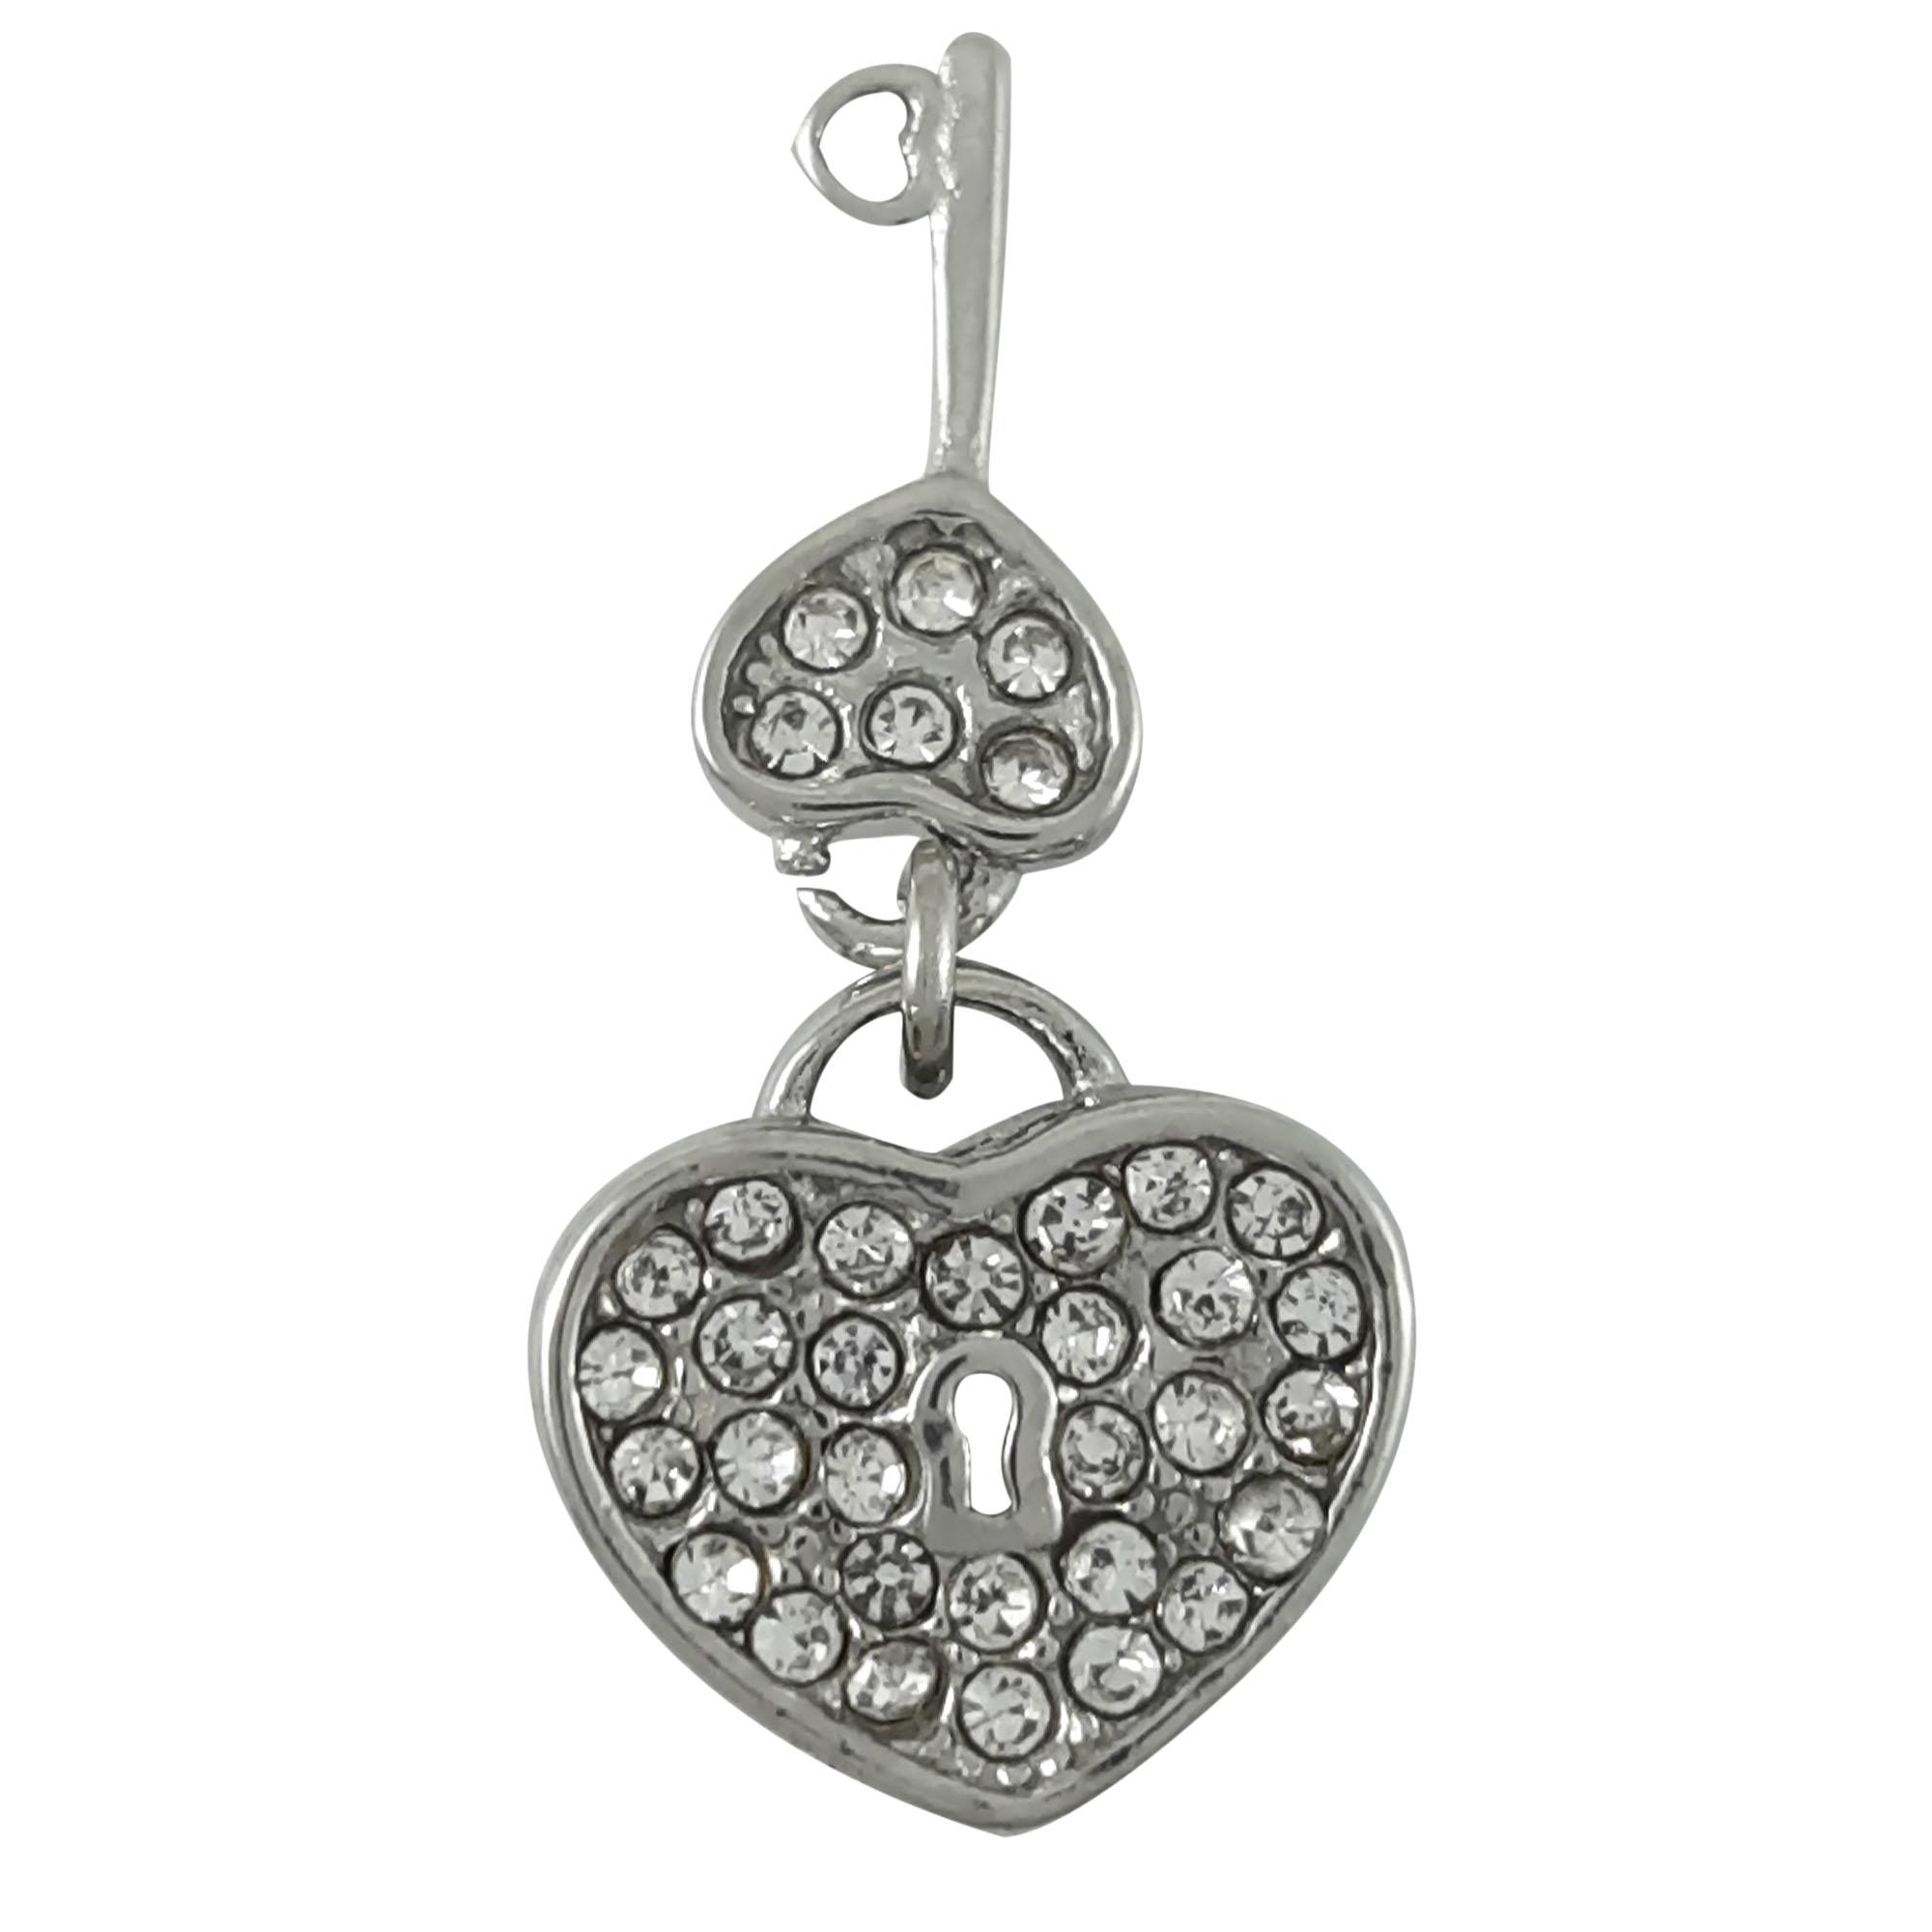 Berloque Cadeado de coração com chave Cravejada em aço